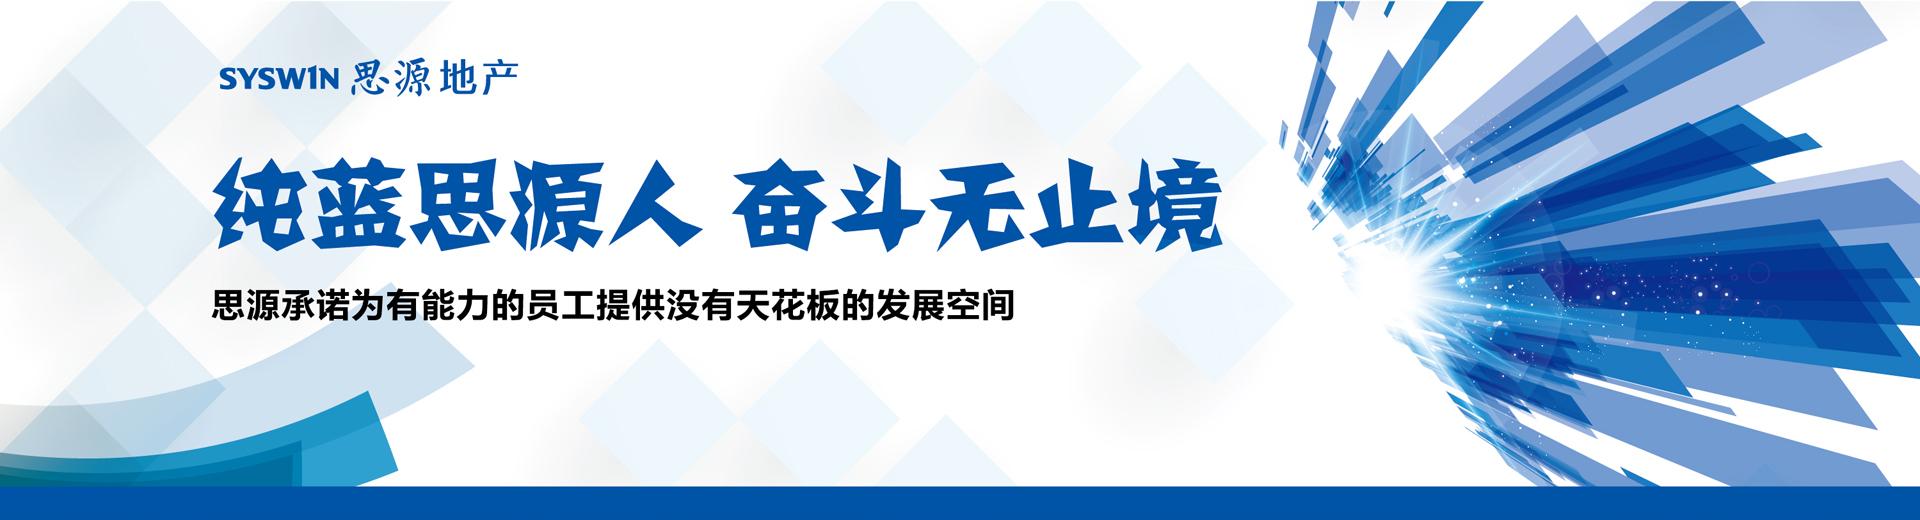 思源地产服务集团合肥公司